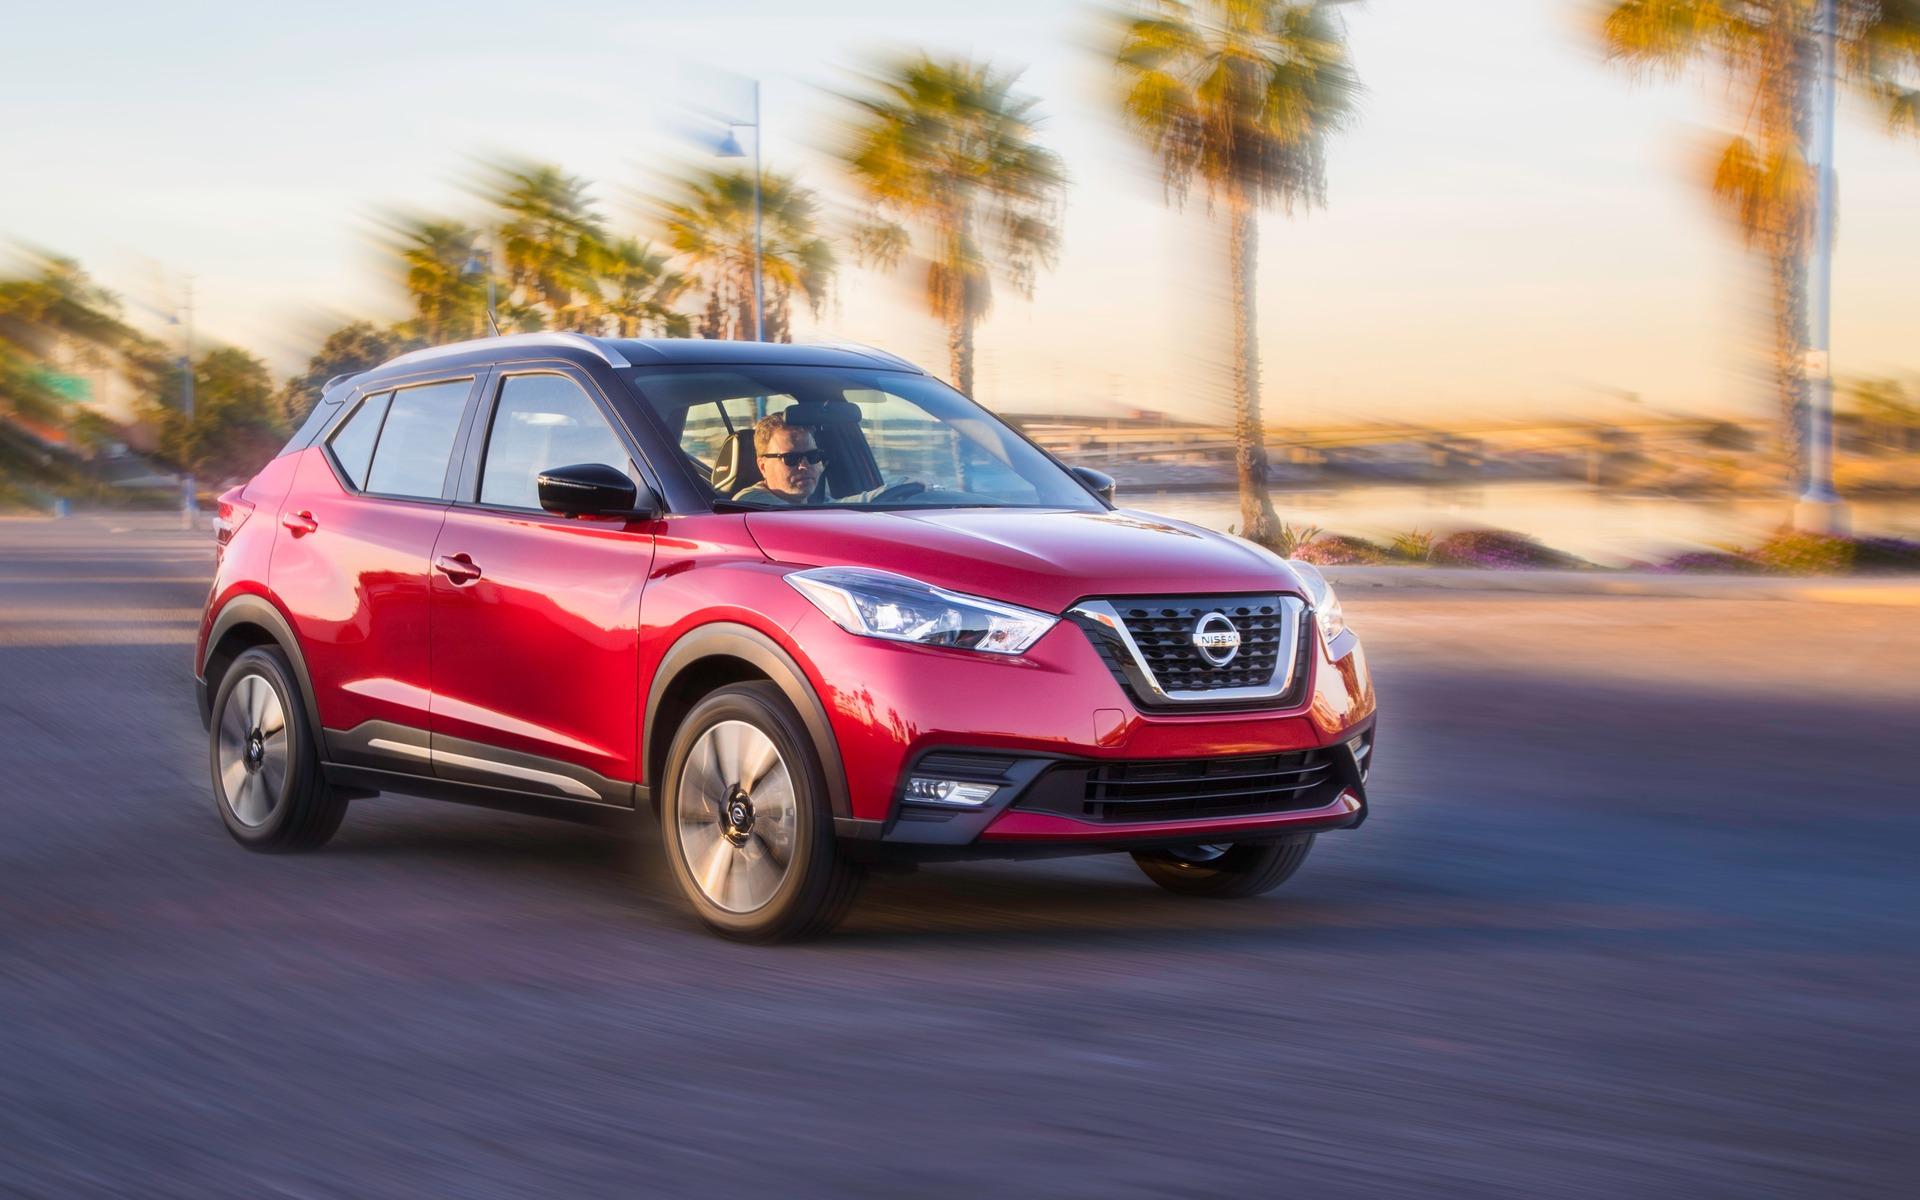 Nissan Kicks 2018 : un VUS pour ceux qui veulent faire semblant 361215_2018_Nissan_Kicks